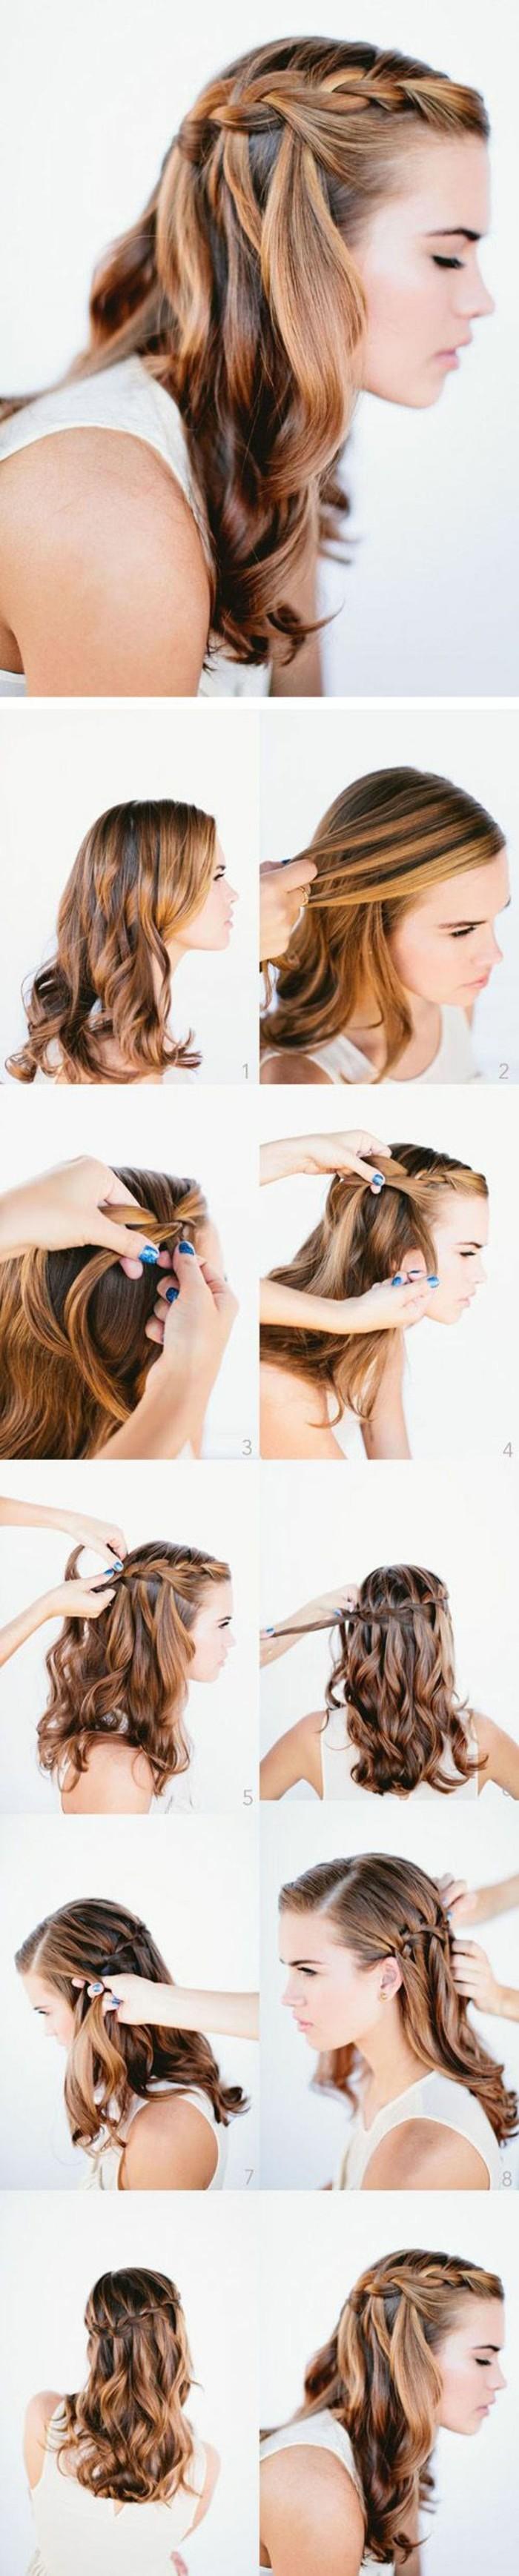 une-coiffure-pour-soiree-idée-coiffure-soirée-comment-faire-resized